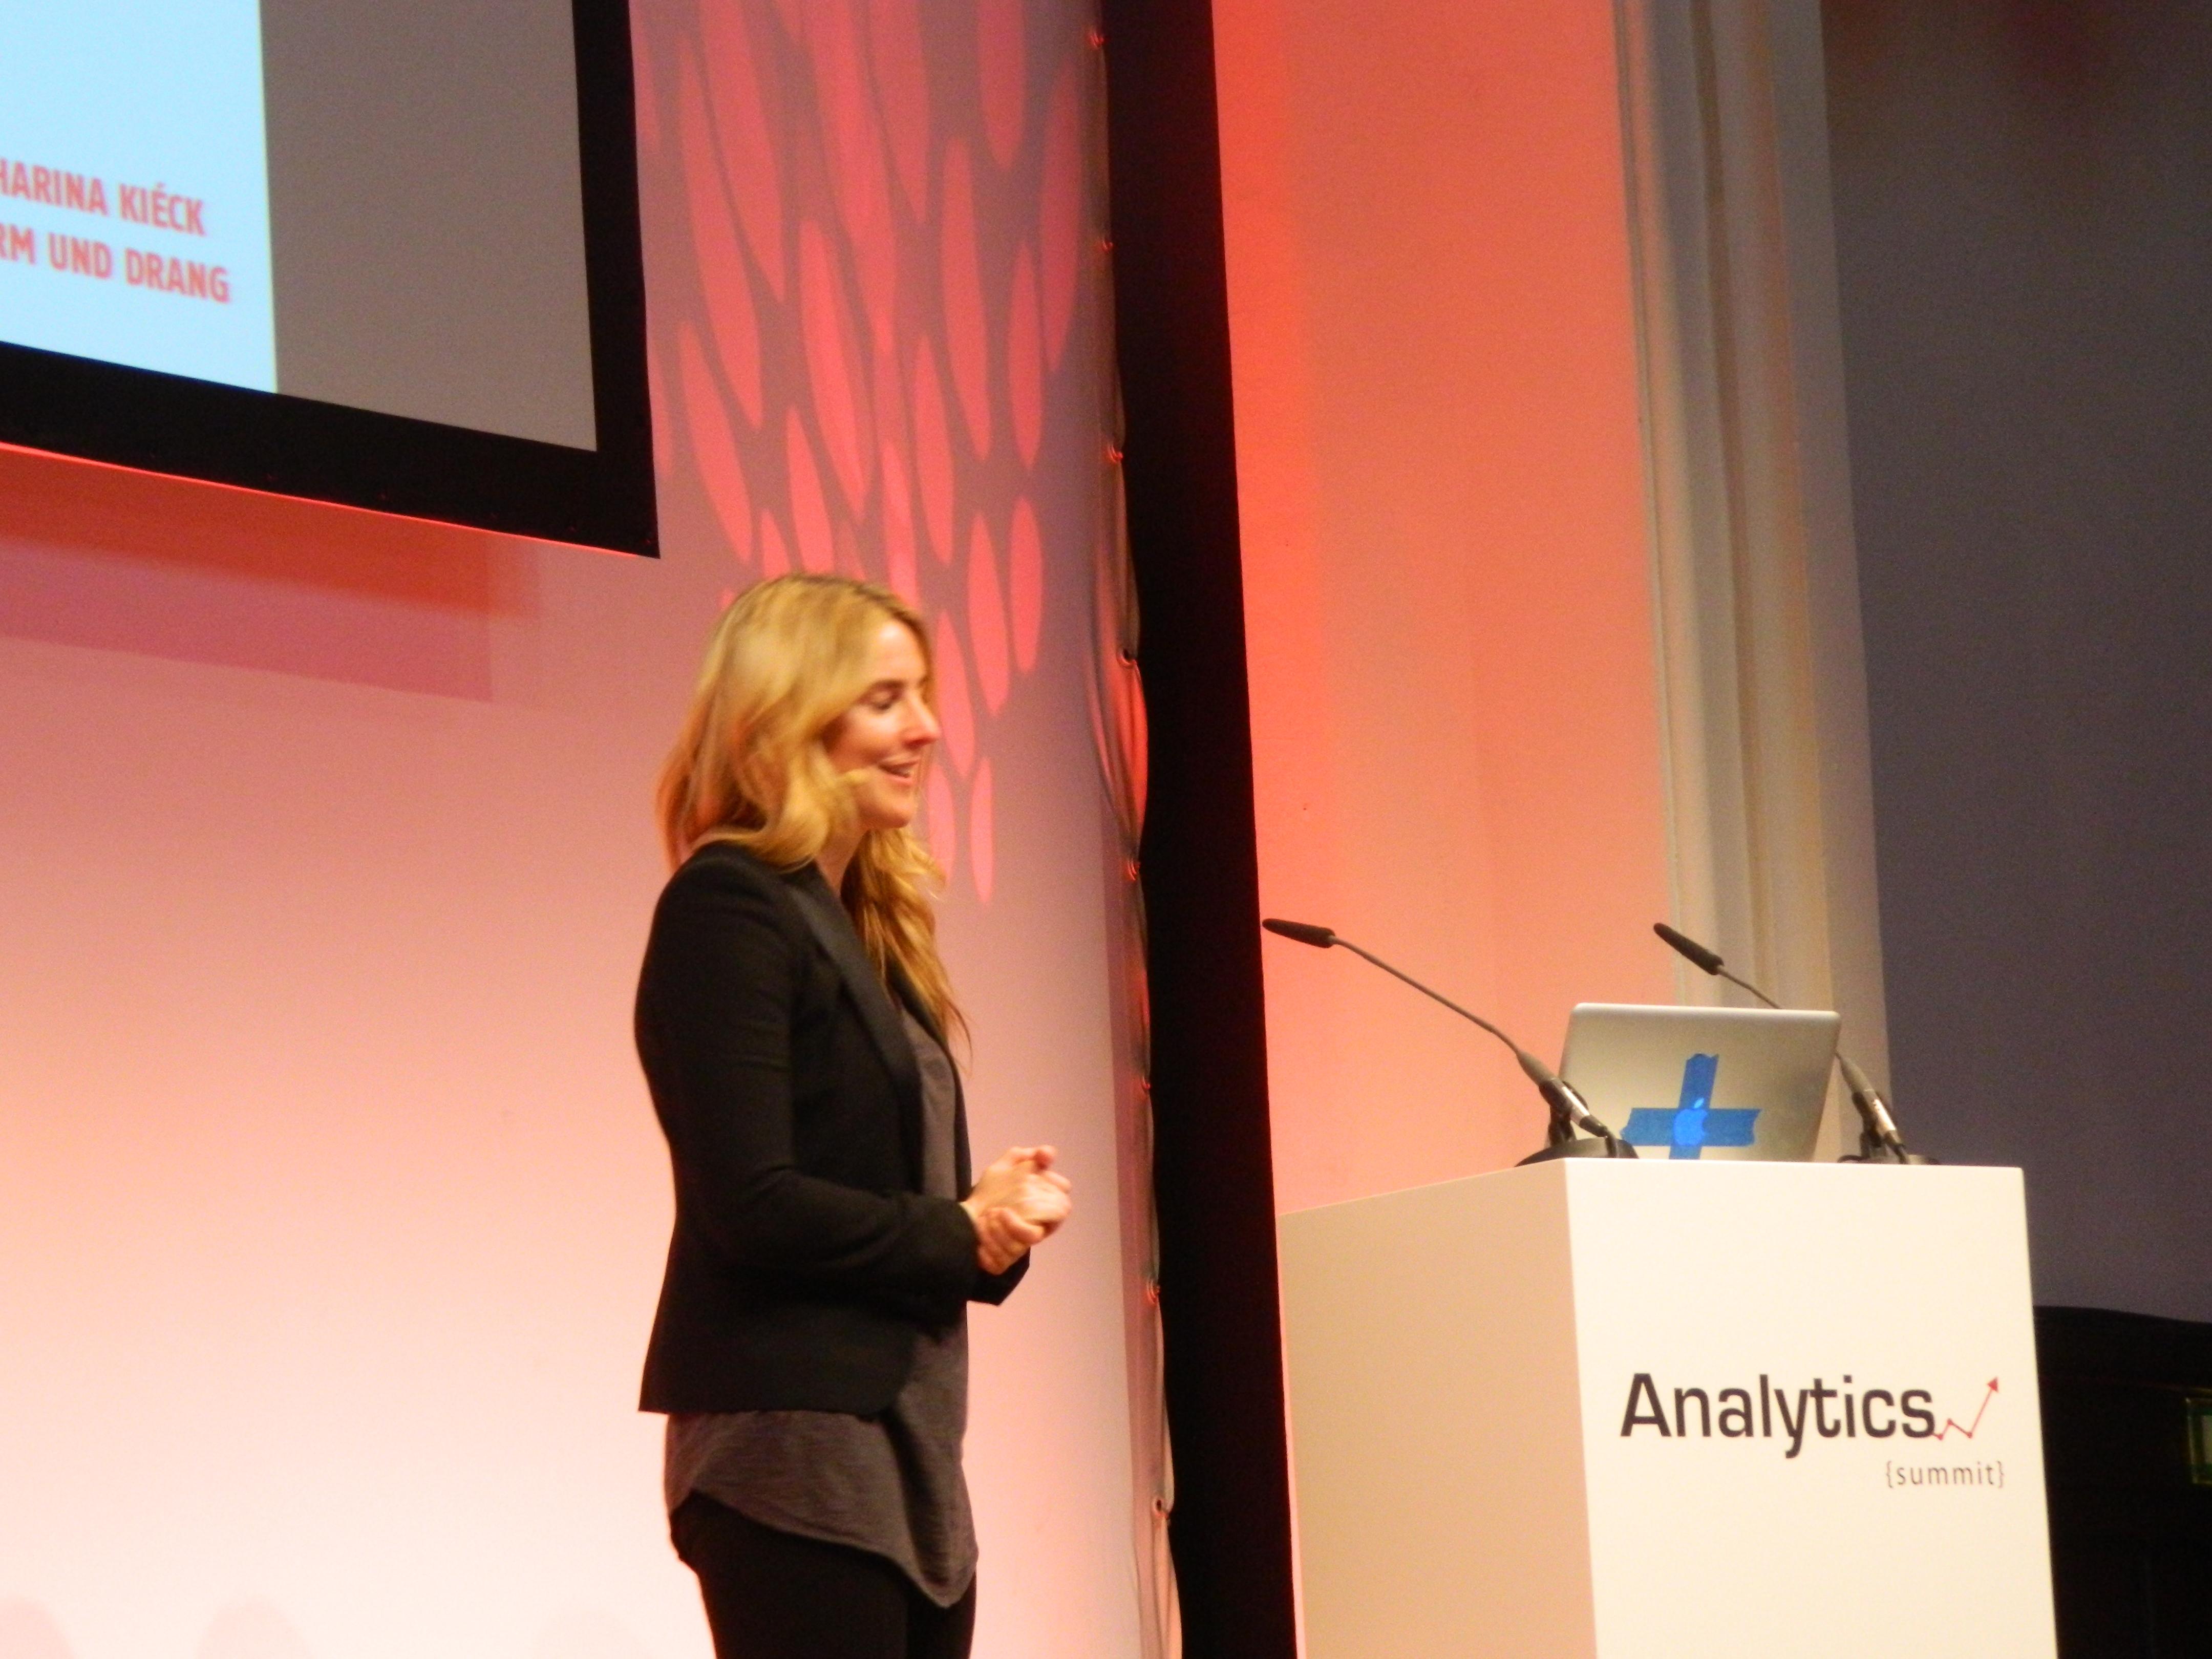 Katharina Kieck bei ihrem Vortrag Future Trends